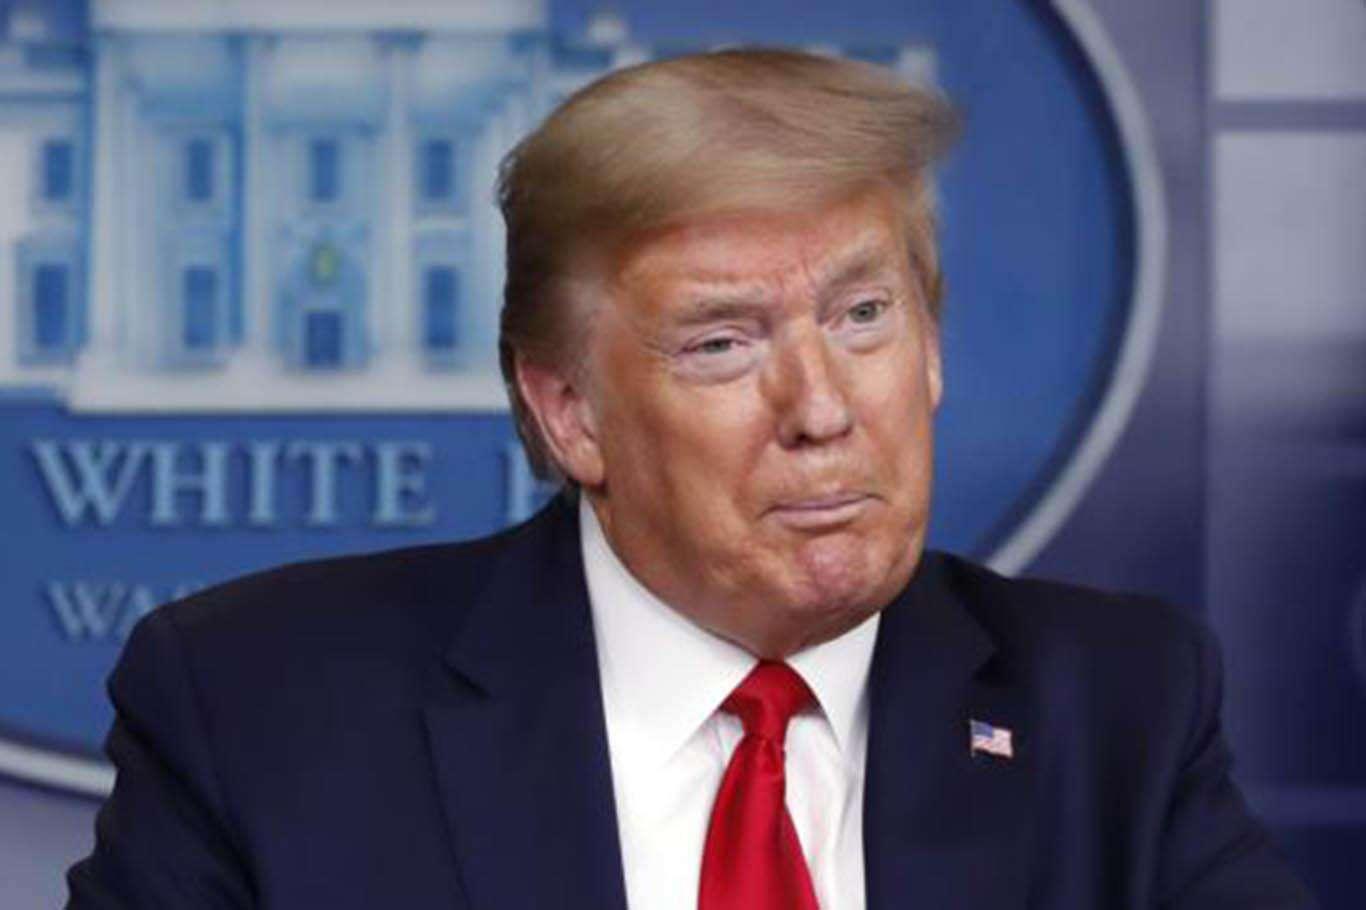 ABD'nin Eski Başkanı, Trump Yargılanacak Mı? İlk Adım Atıldı!